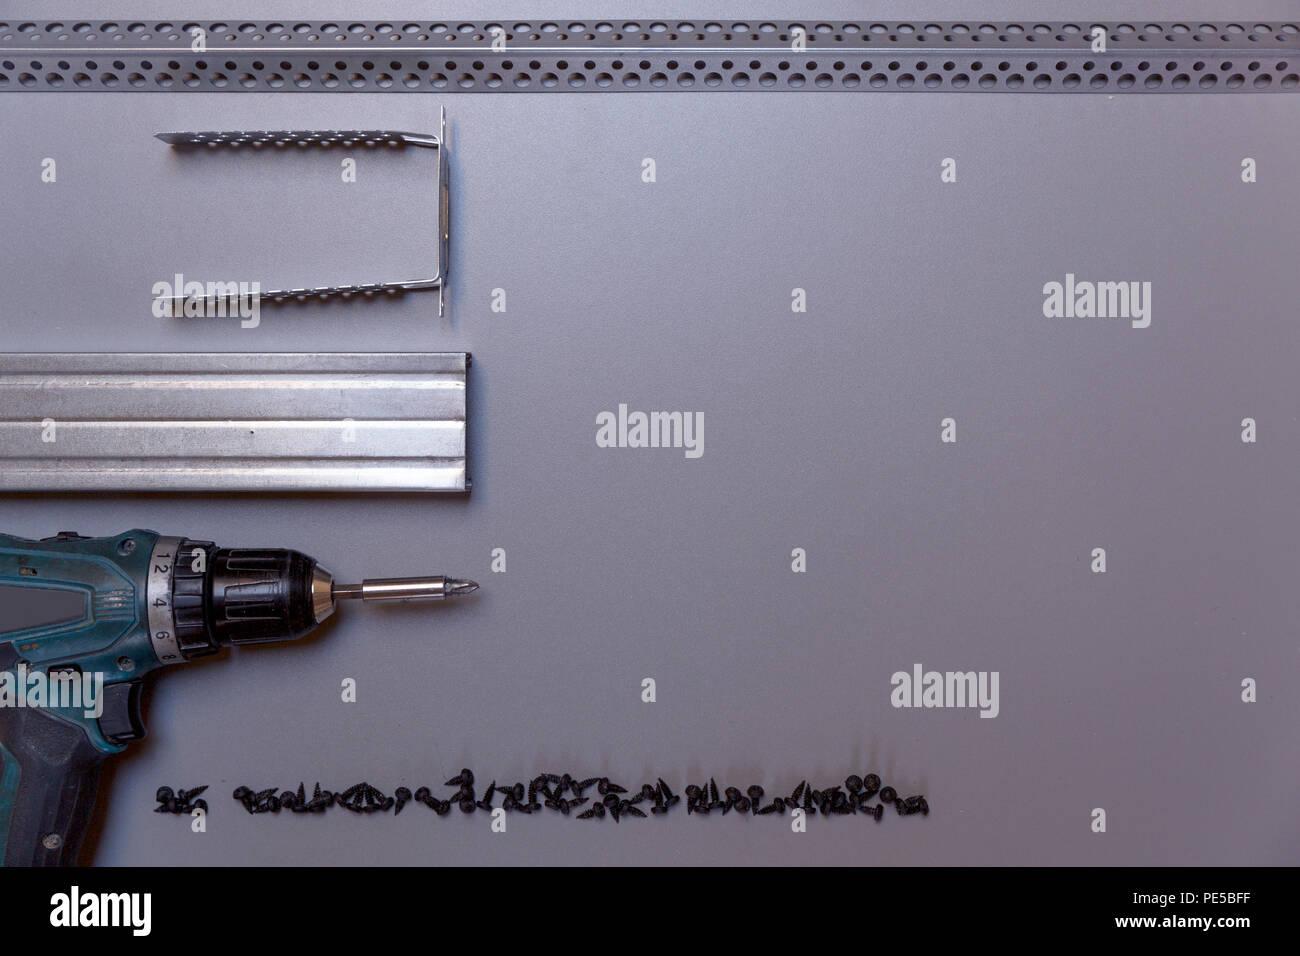 Werkzeuge für Profil Metallrahmen Montage. Metallprofile ...